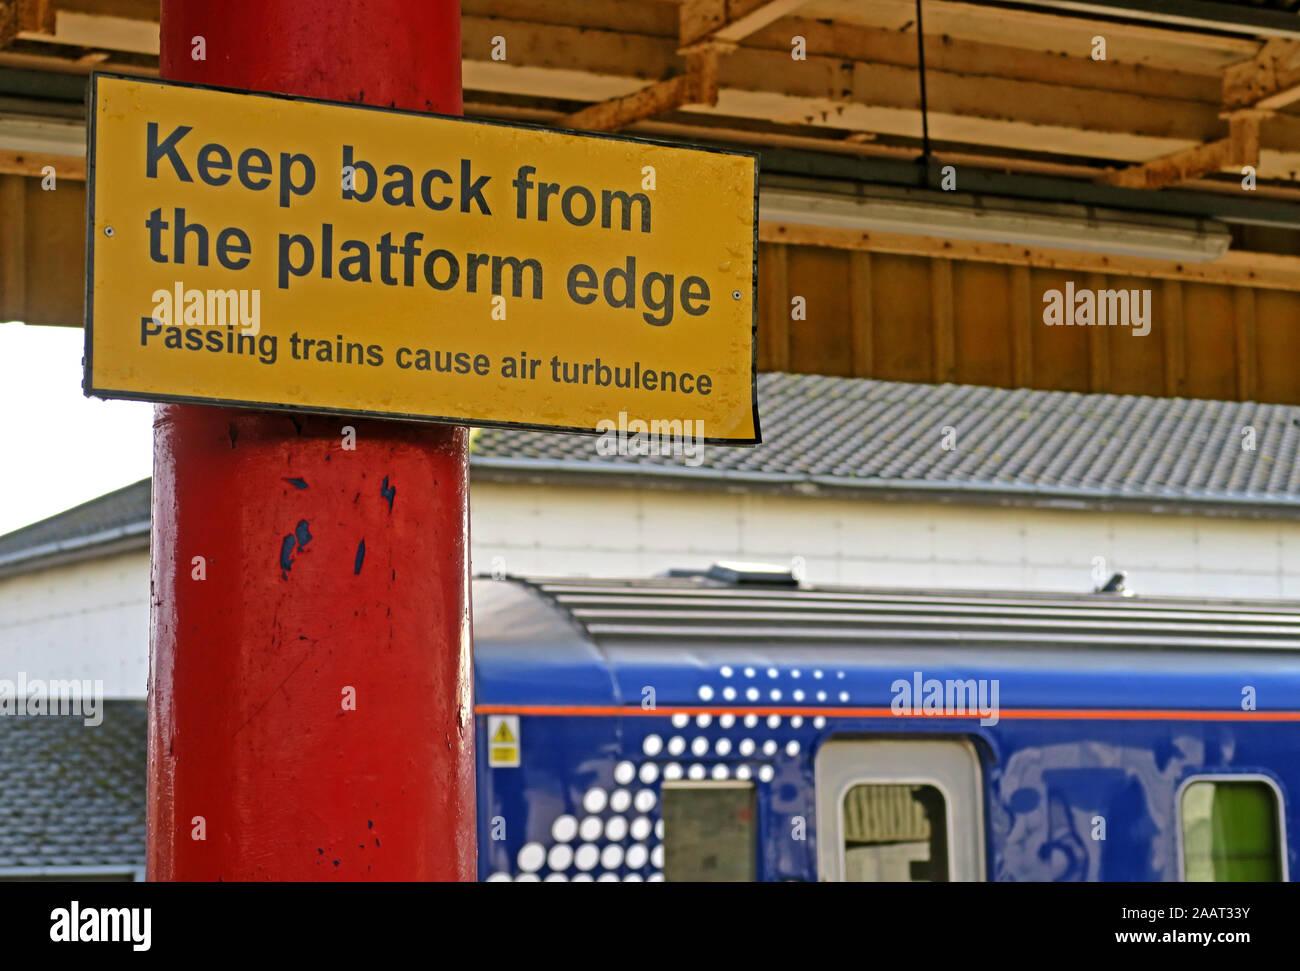 Dieses Stockfoto: Zurück von der Bahnsteigkante, gelbes Schild, vorbeifahrende Züge verursachen Luftverwirbelungen, auf der Plattform, Hochgeschwindigkeitszüge - 2AAT33